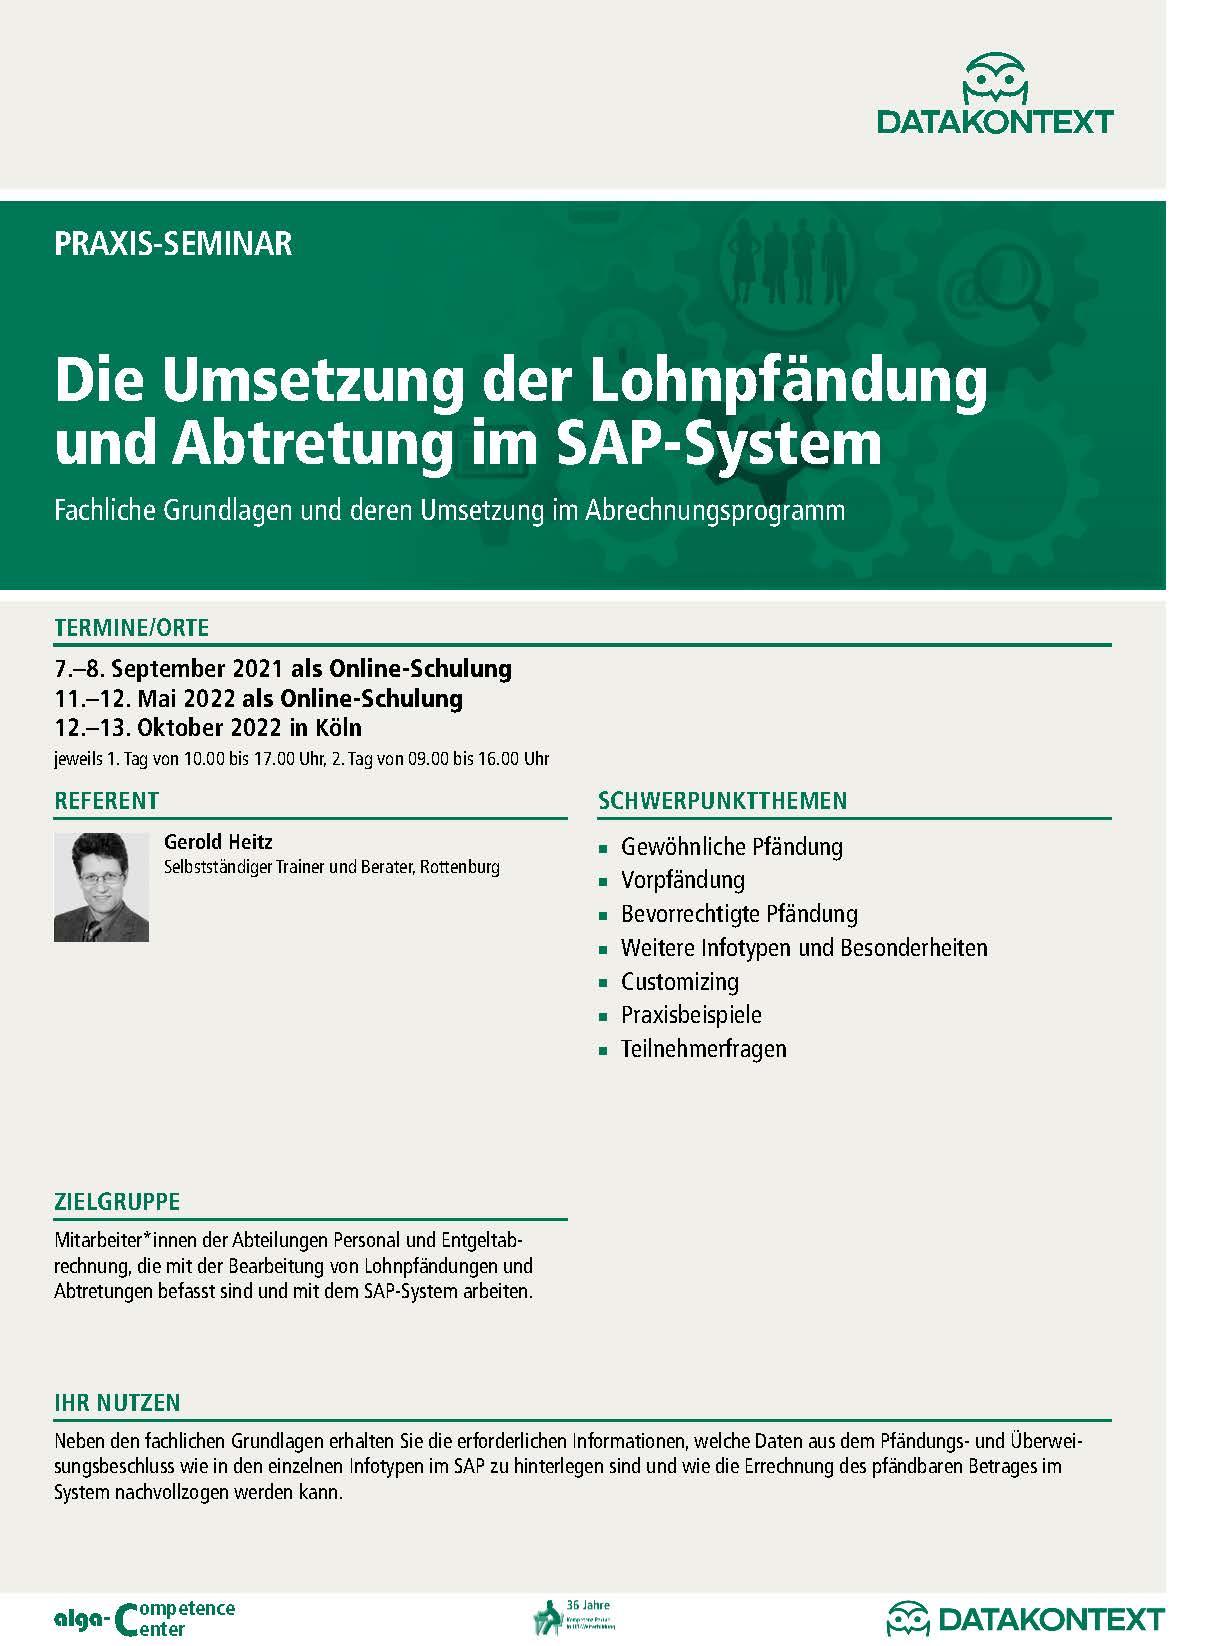 Die Umsetzung der Lohnpfändung und Abtretung im SAP-System